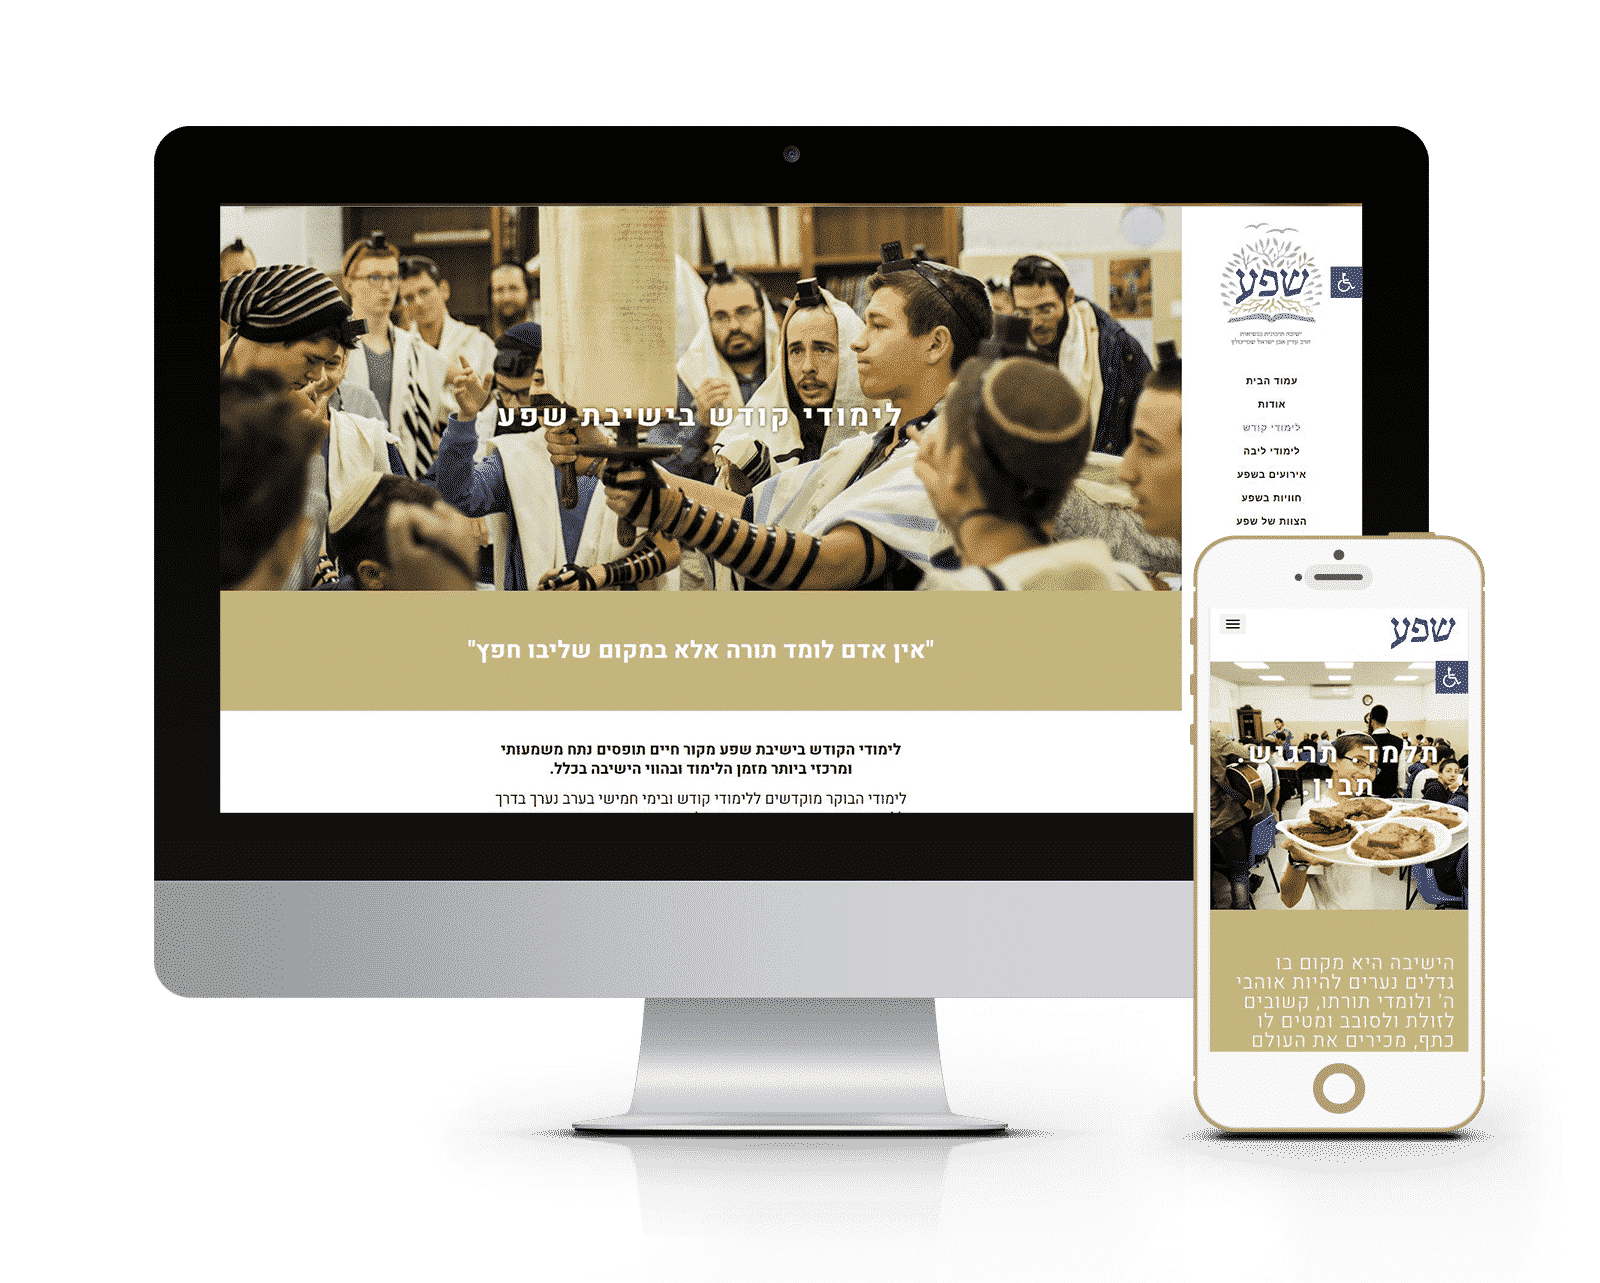 עיצוב ובניית אתר עבור ישישבה תיכונית שפע מקור חיים